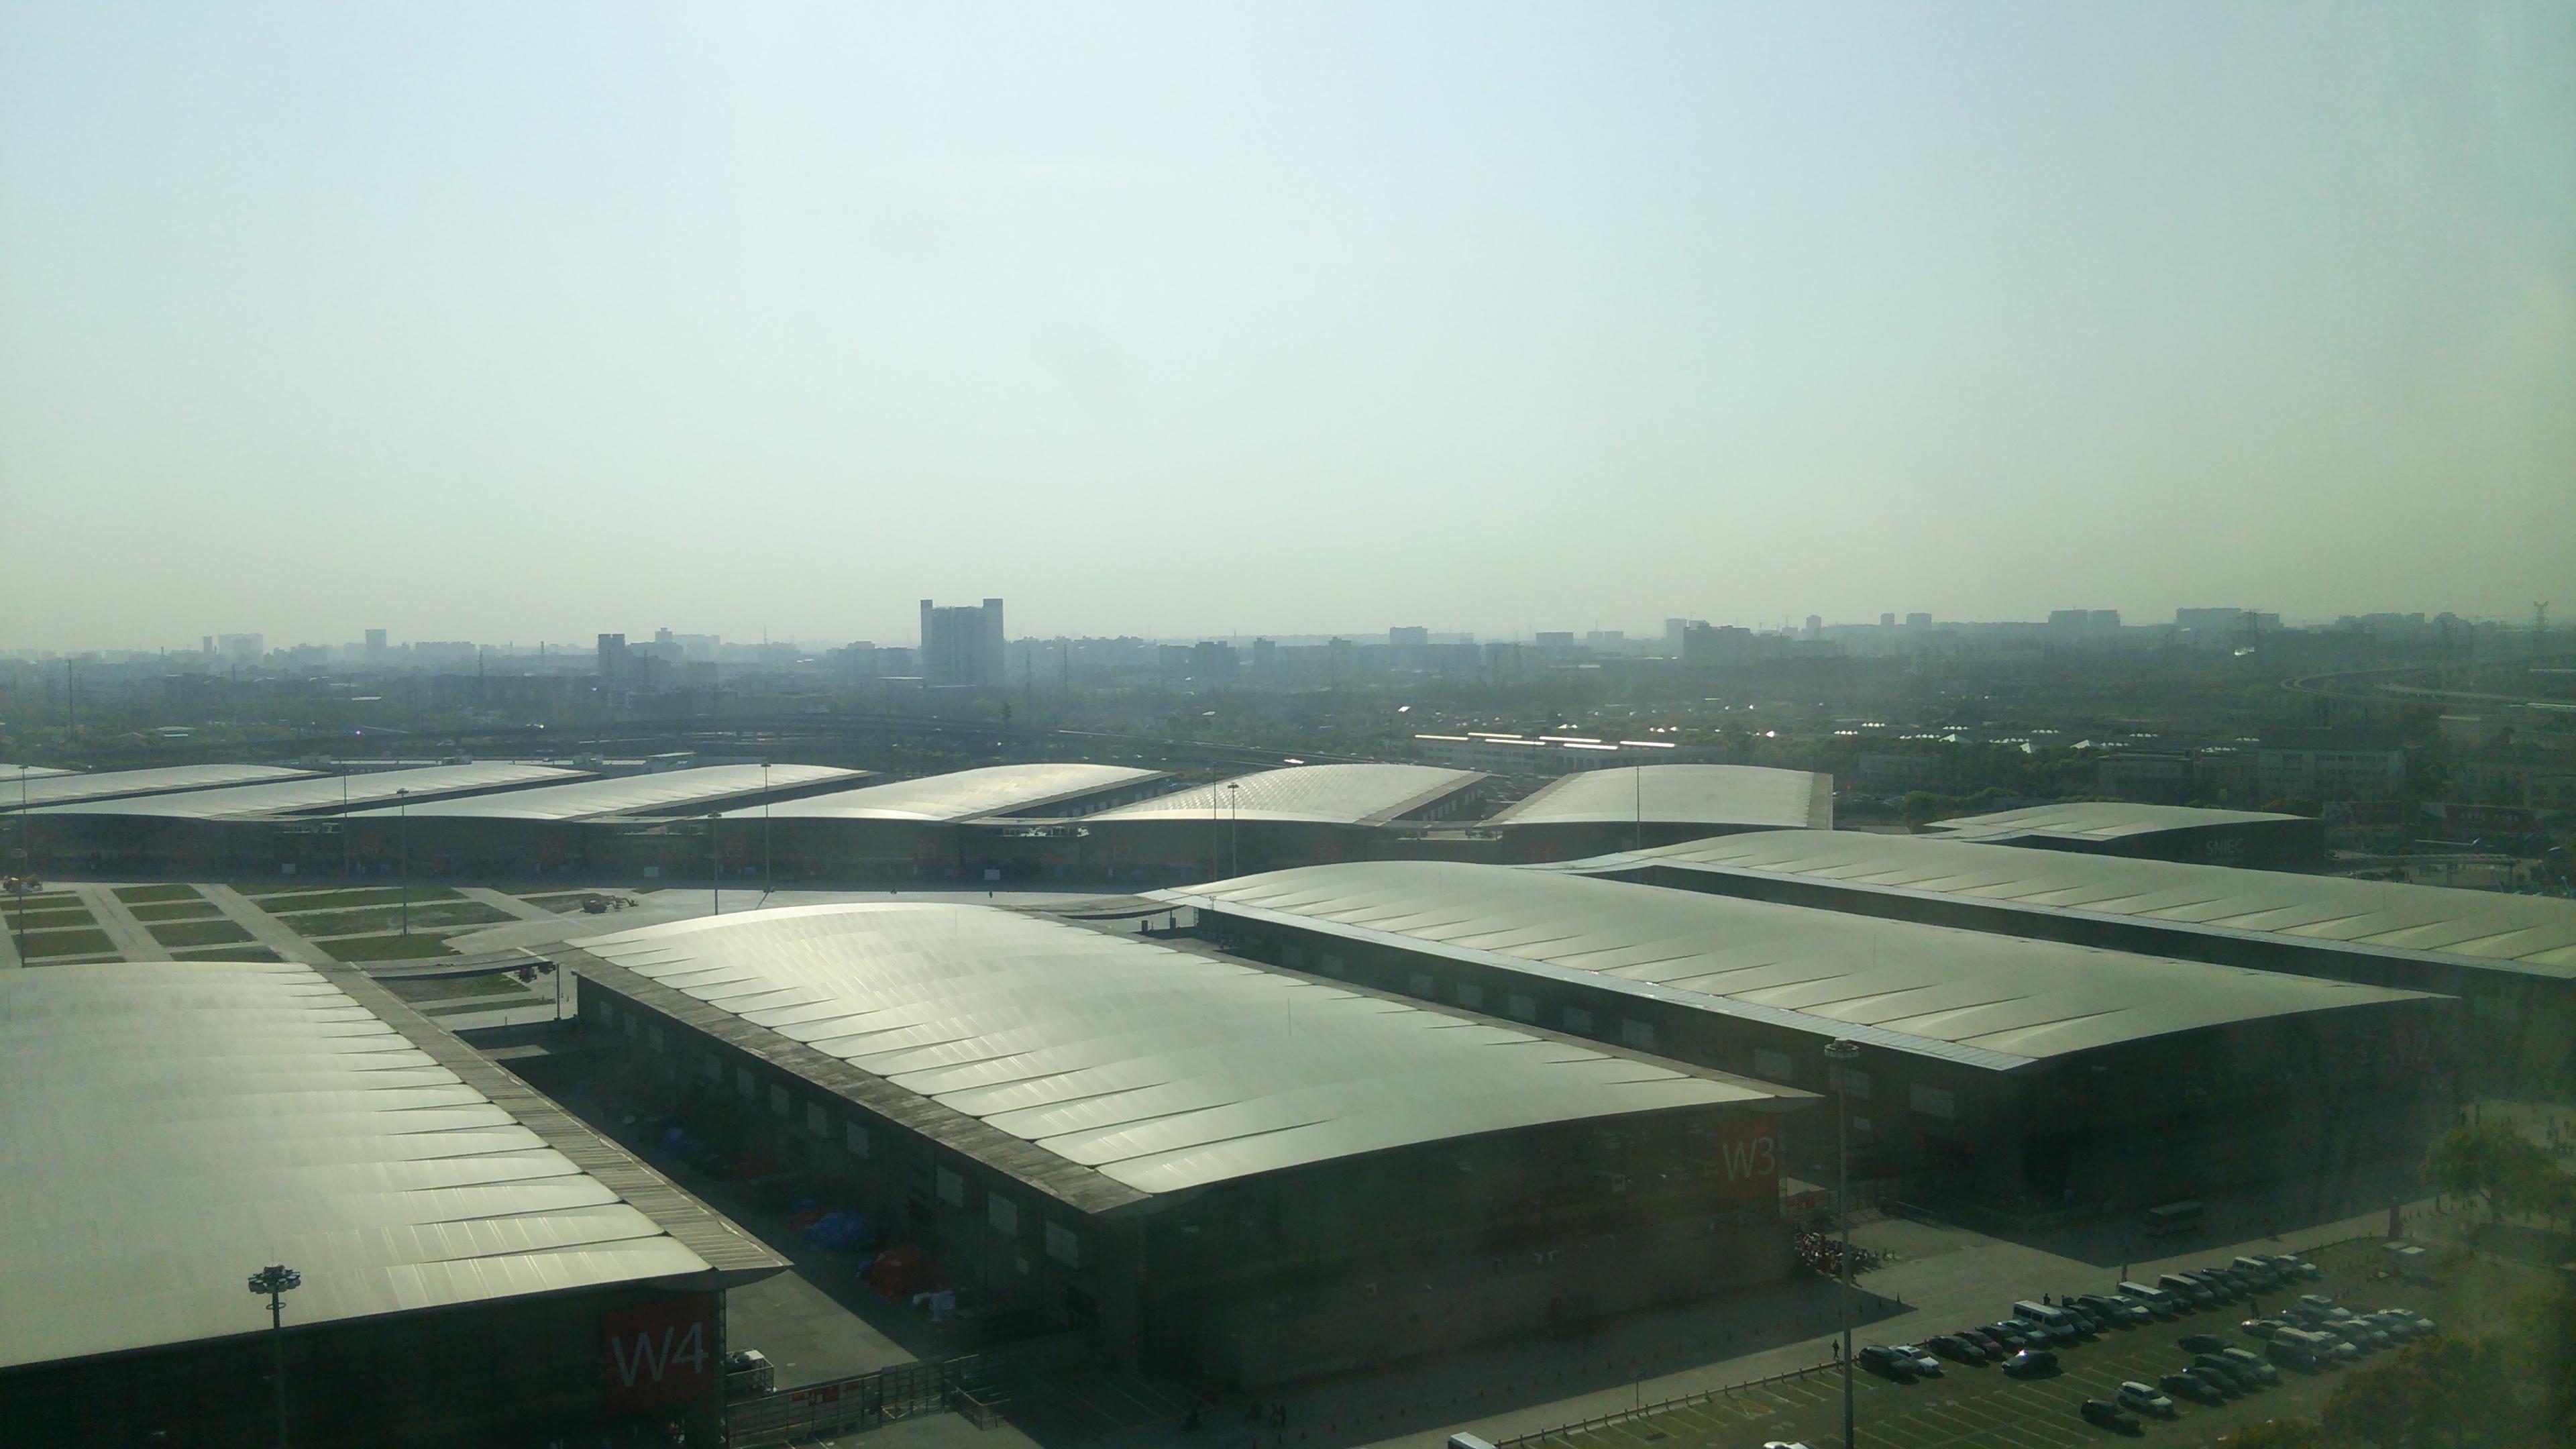 上海新国際展示会場